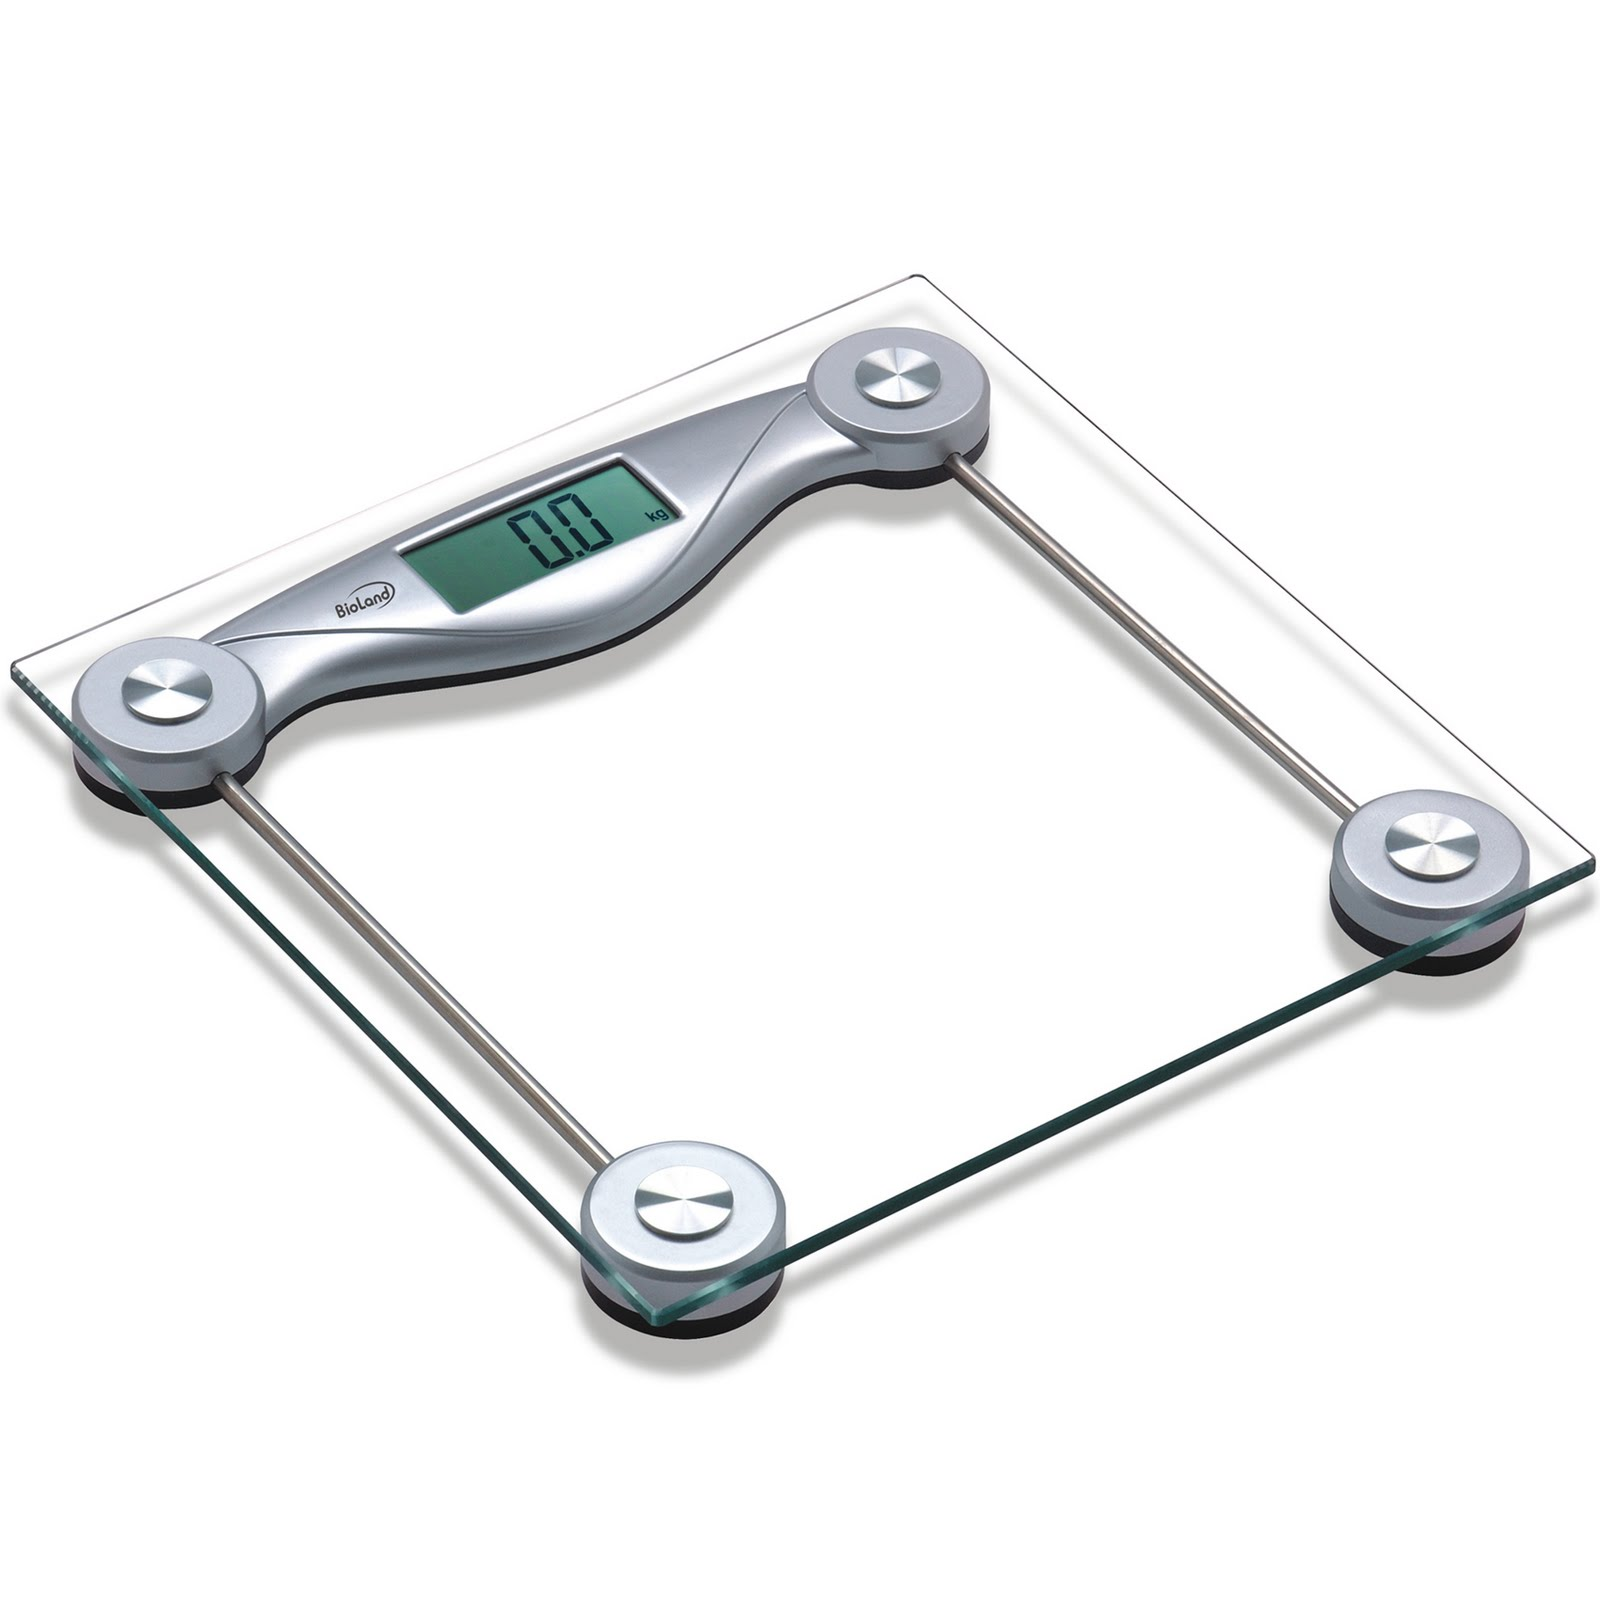 Balança: analógica ou digital? VilaClub #365B52 1600x1600 Balança Digital Banheiro Boa